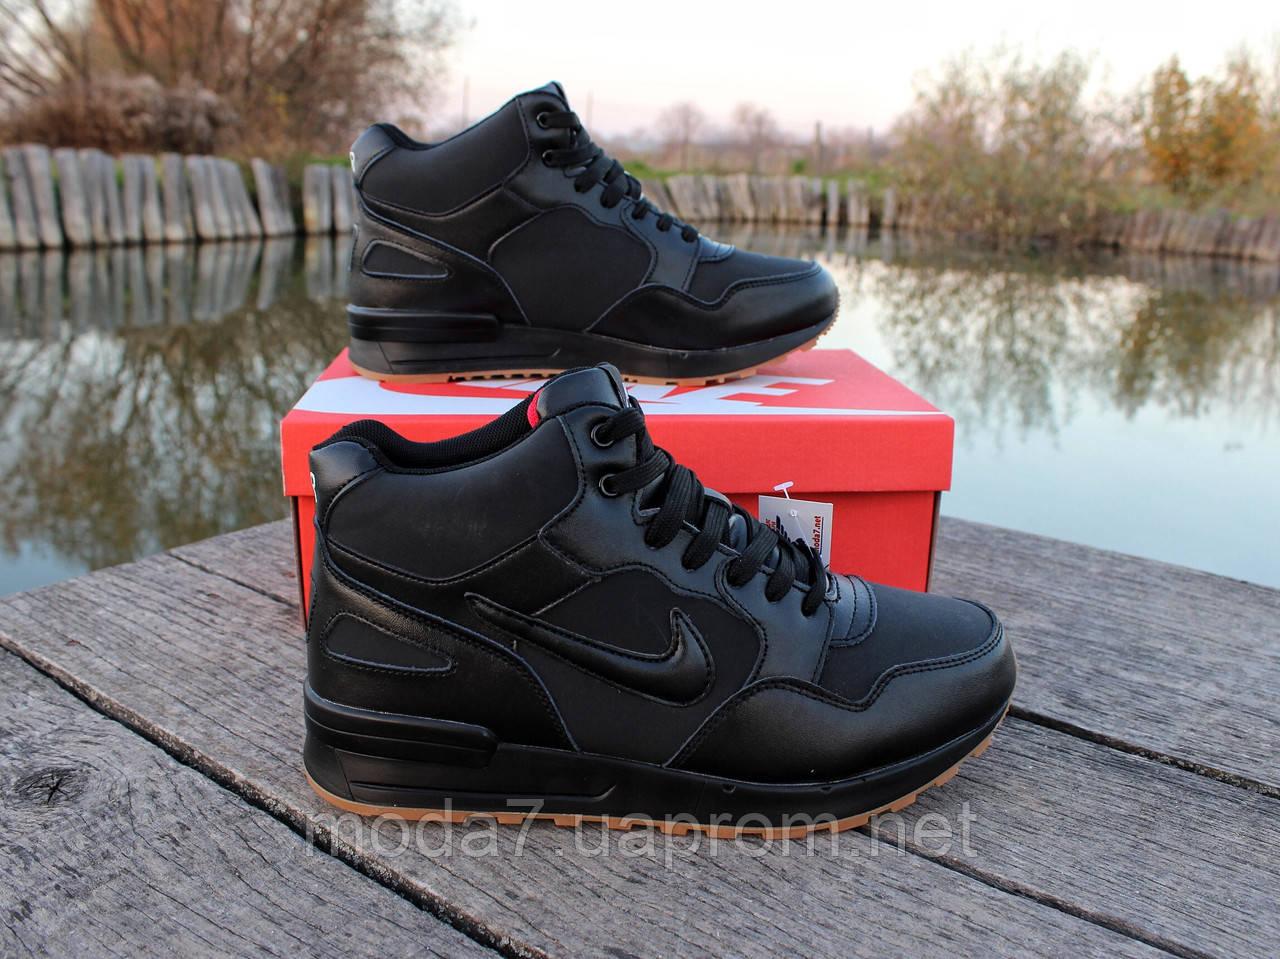 Ботинки зимние мужские черные Nike Air Max нат. кожа реплика